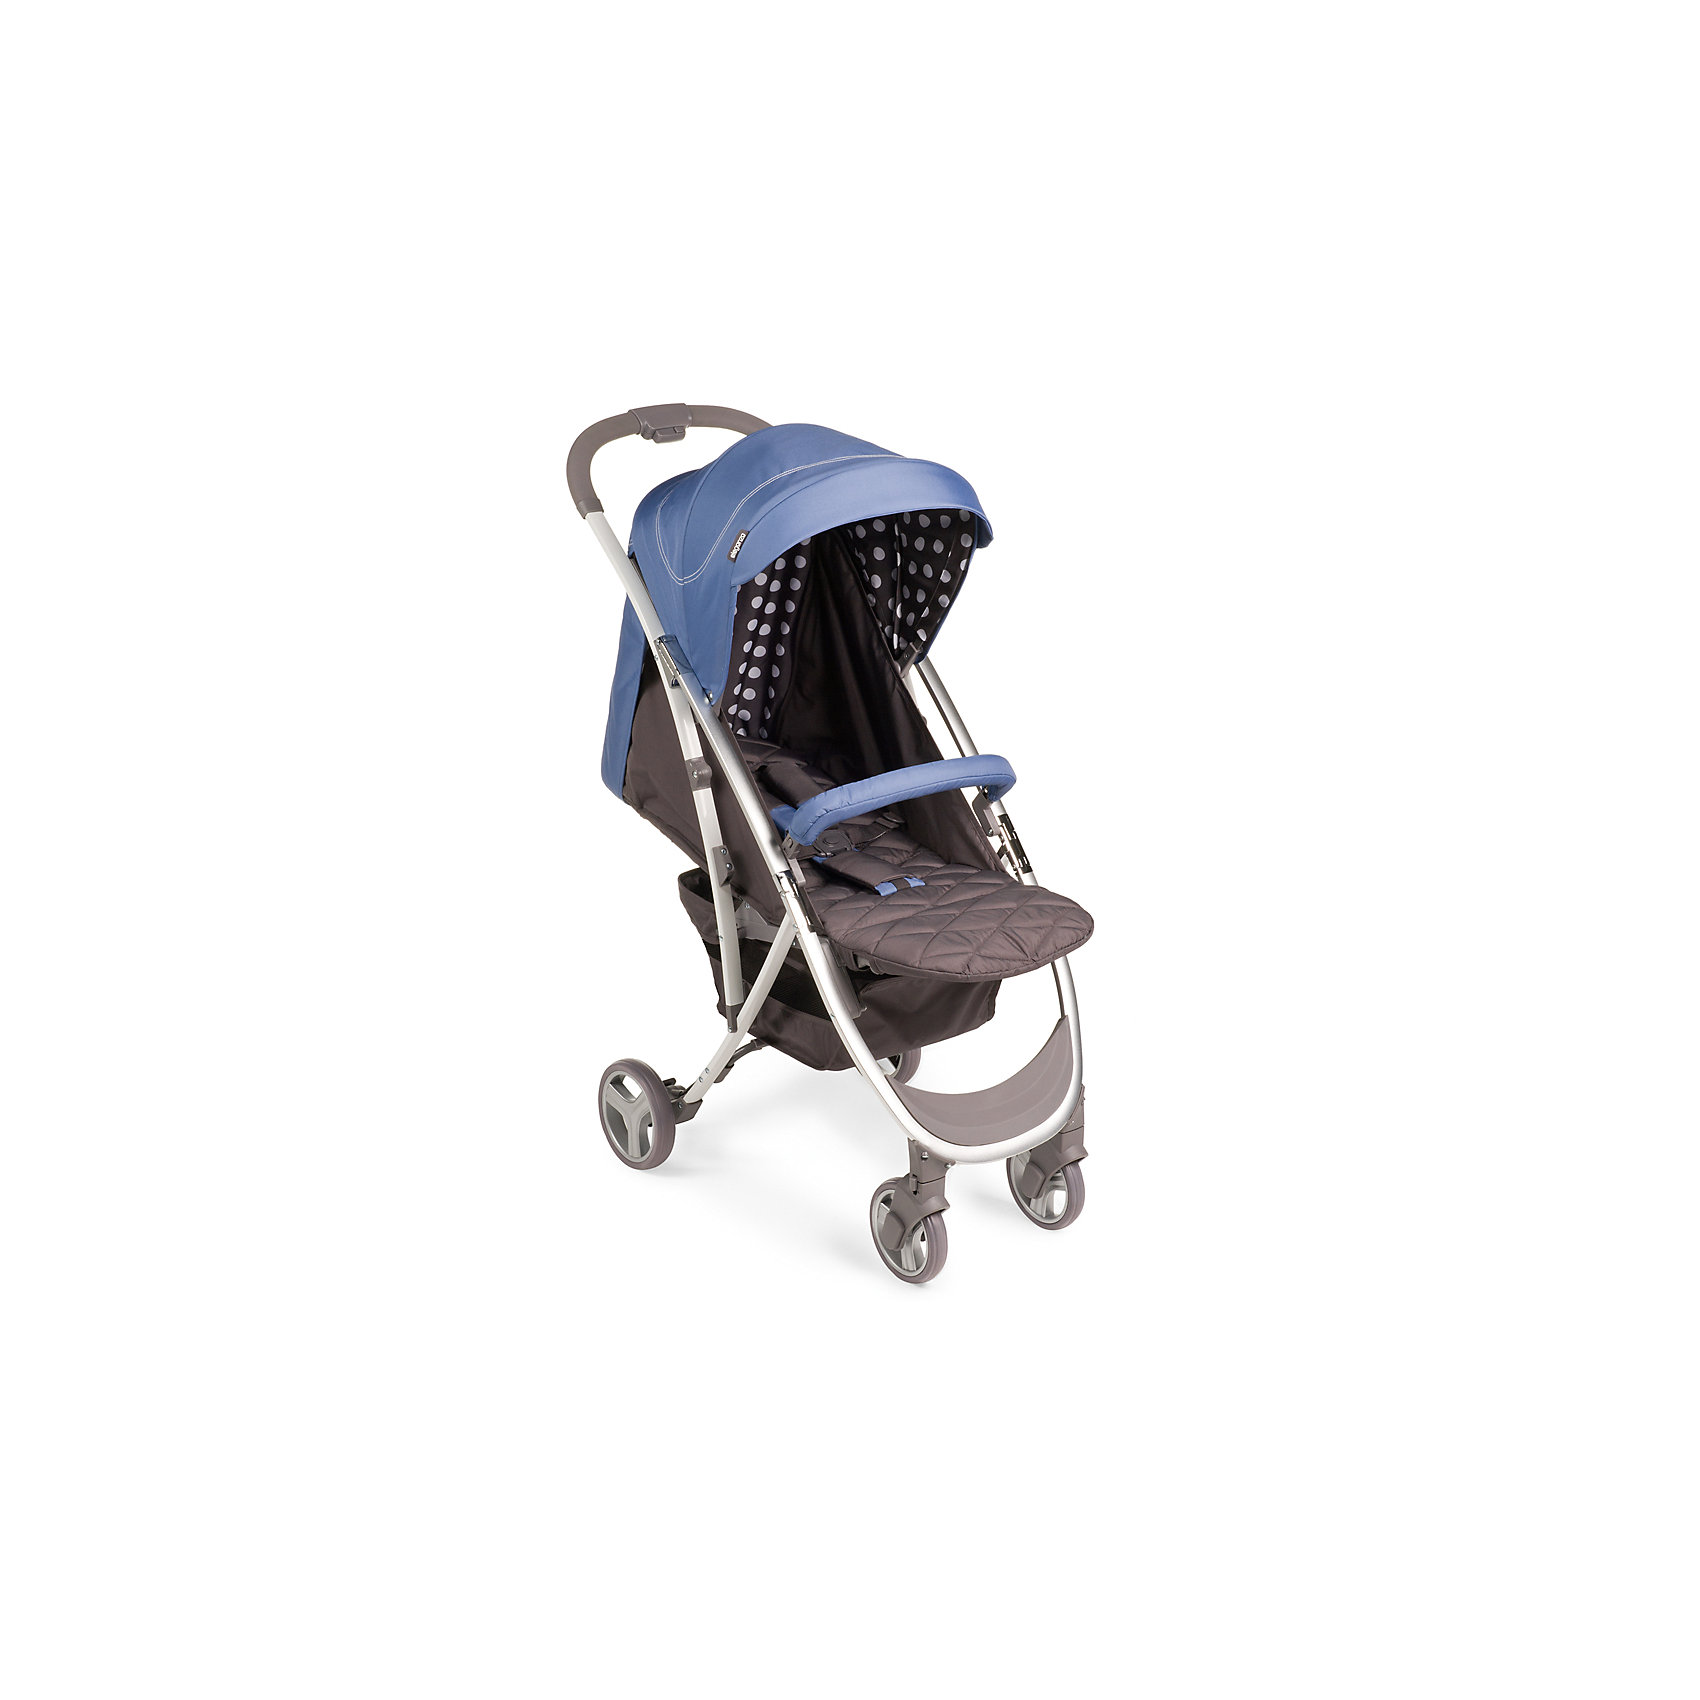 Прогулочная коляска Eleganza, Happy Baby, синийМодель ELEGANZA объединяет в себе стиль и отличные ходовые данные, которые по достоинству оценят как владельцы коляски, так и окружающие. Коляска легко складывается одной рукой, имеет амортизацию на передних и задних колесах и занимает мало места в сложенном виде. При весе всего 7,7 кг коляска ELEGANZA имеет съемный бампер, козырек с окошком, регулируемую спинку. Комплектуется дождевиком, чехлом на ножки, москитной сеткой и корзиной.   <br><br>Дополнительная информация:<br><br>Максимальный вес ребенка: 15 кг<br>Длина спинки: 45см<br>Ширина сиденья: 34 см<br>Глубина сиденья: 22 см<br>Длина спального места: 86 см<br>Кол-во положений спинки: 3<br>Углы наклона спинки: 100, 120, 170<br>Подножка регулируется: 2 положения<br>Ширина колесной базы: 50 см<br>Передние поворотные колеса (360°) с возможностью фиксации <br>Задние колеса оснащены тормозным механизмом<br>Амортизация передних и задних колес<br>Cскладывается одной рукой<br>Съемный бампер                                 <br>В сложенном виде занимает мало места                                                                                   <br>Капюшон со смотровым окошком  <br>Вместительная корзина для покупок<br>Тип складывания: книжка<br>Вес коляски: 7,7 кг<br>Пятиточечные ремни безопасности с мягкими накладками<br>Колеса: пластиковые с покрытием EVA (этиленвинилацетат)<br>Диаметр колес: передние — 15,2 см, задние — 17,8 см<br>Удобная тормозная педаль<br>В комплекте: дождевик, чехол на ножки, москитная сетка<br>Материал:<br>Рама: металл, пластик<br>Тканные материалы: 100 % полиэстер<br><br><br>Прогулочную коляску Eleganza, Happy Baby, синий можно купить в нашем магазине.<br><br>Ширина мм: 250<br>Глубина мм: 445<br>Высота мм: 700<br>Вес г: 8900<br>Цвет: синий<br>Возраст от месяцев: 7<br>Возраст до месяцев: 36<br>Пол: Унисекс<br>Возраст: Детский<br>SKU: 4580596